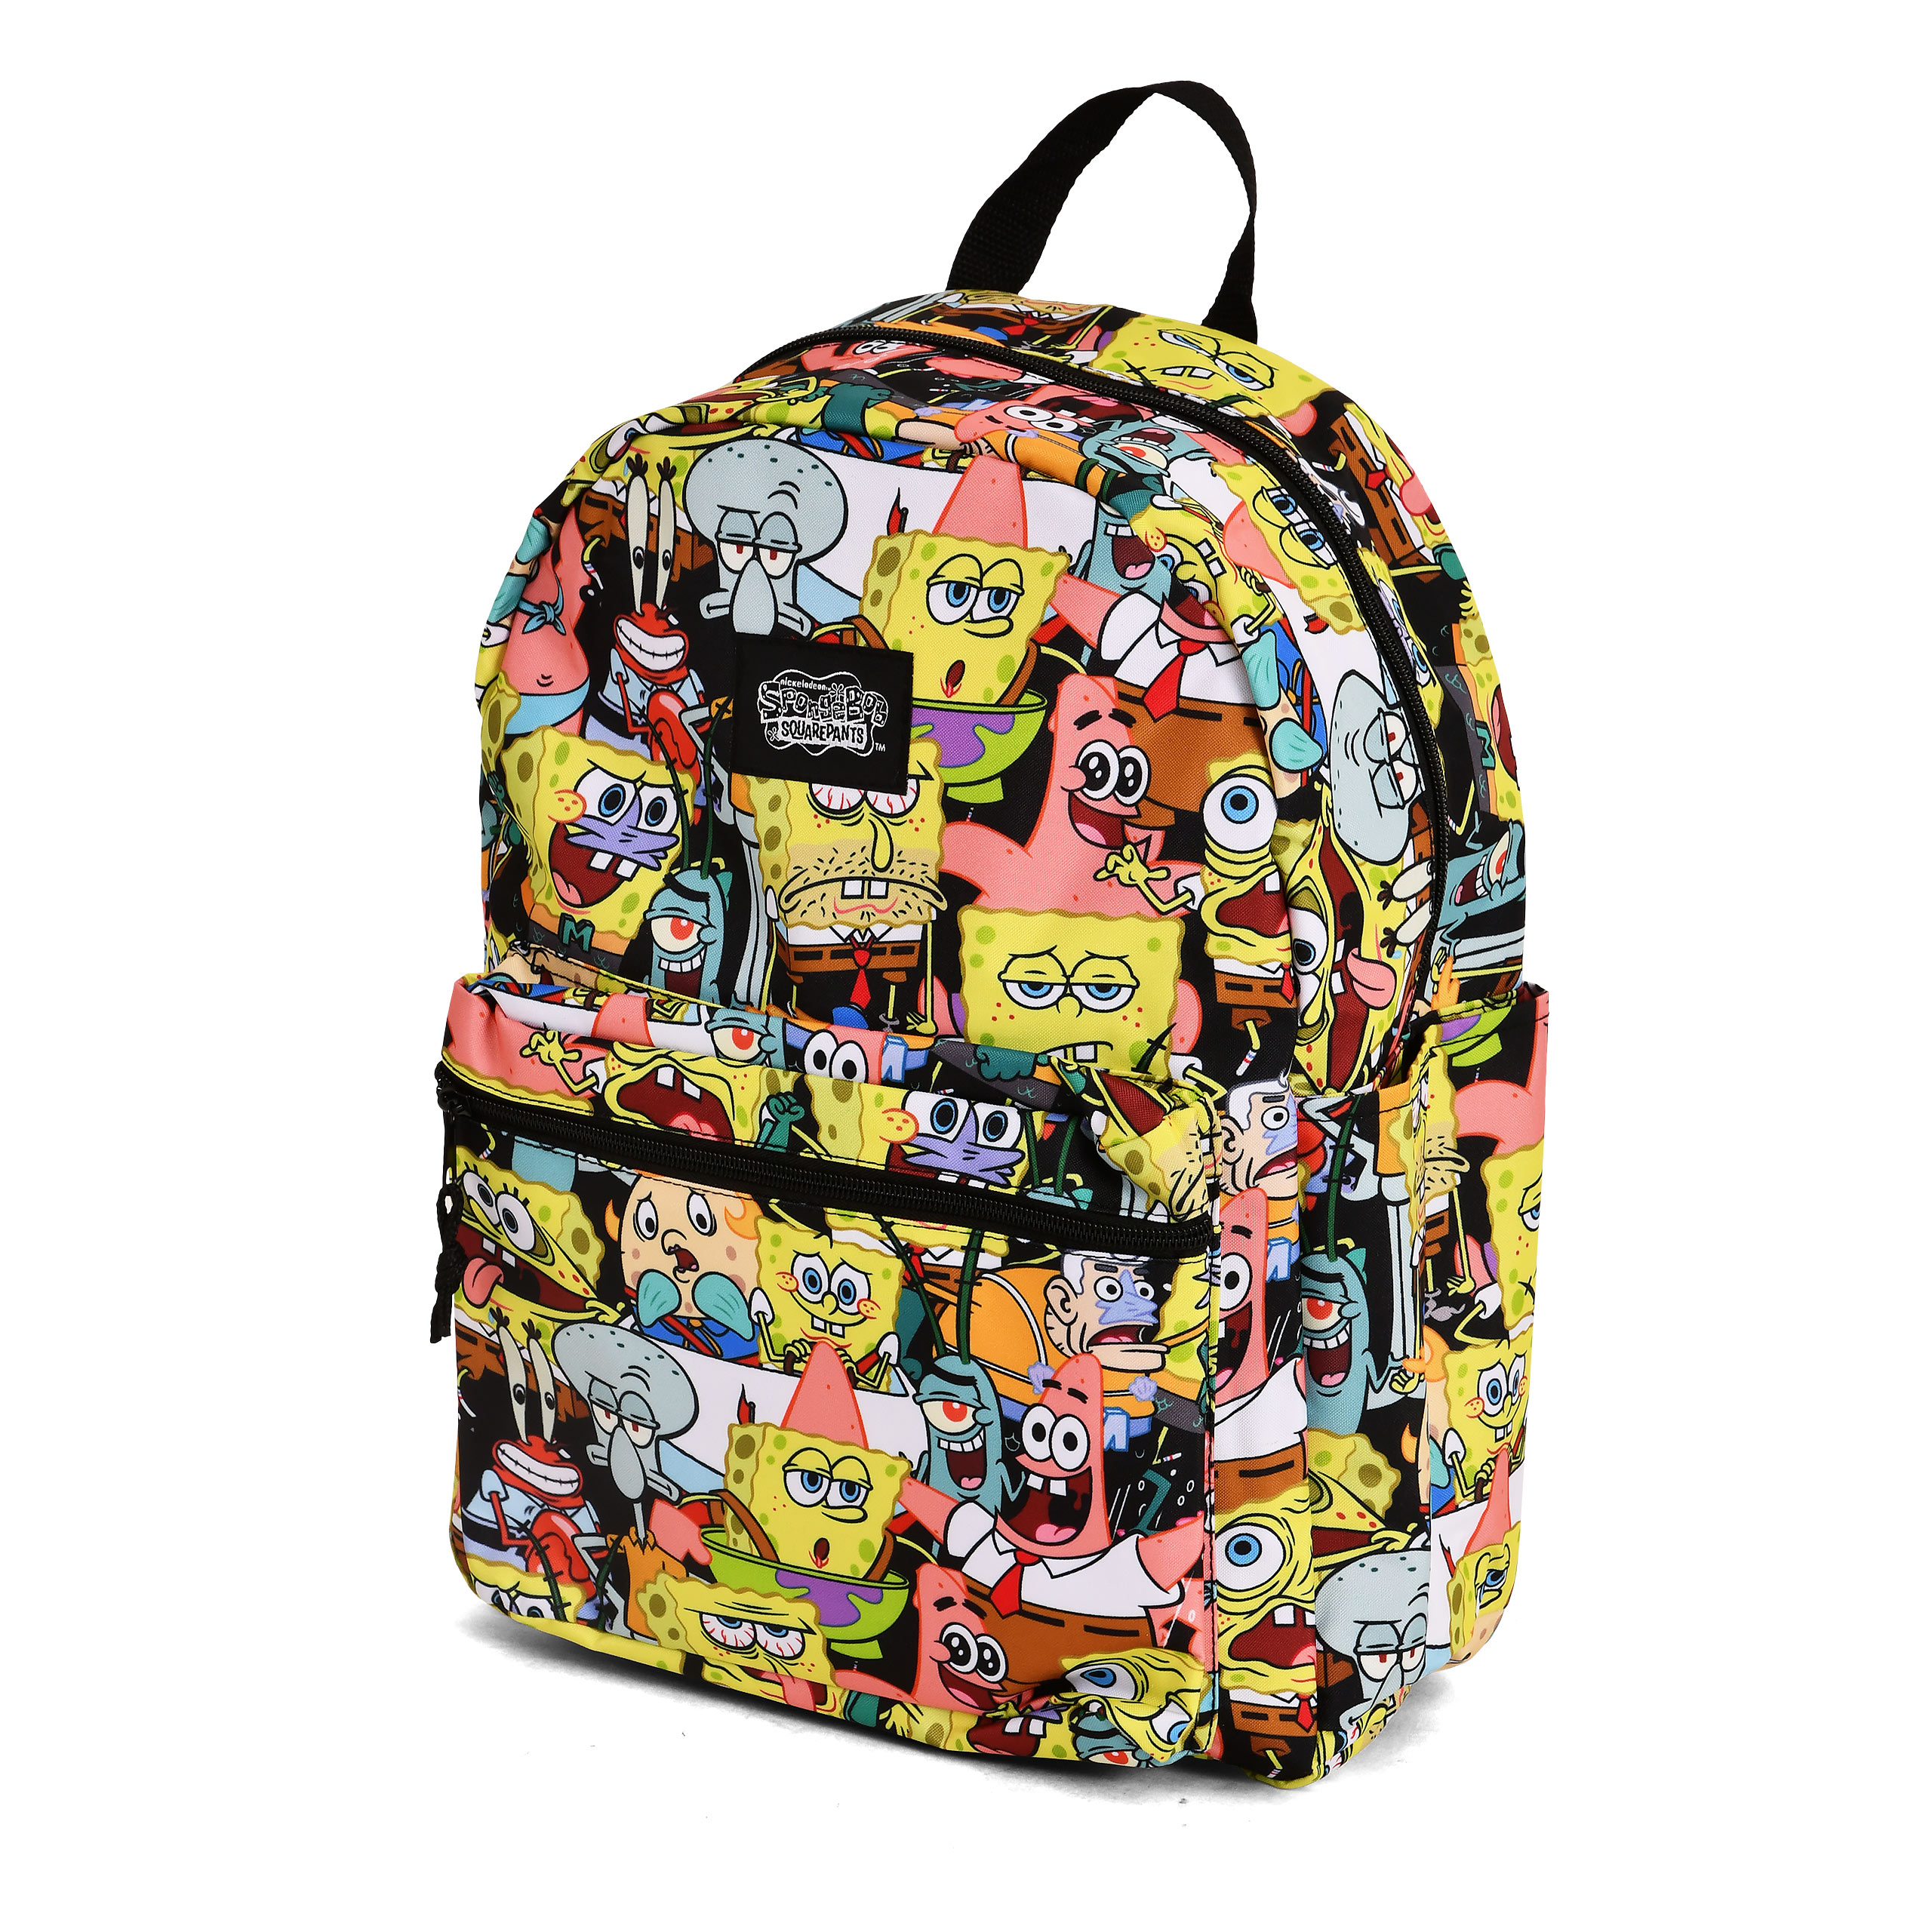 SpongeBob - Characters Rucksack